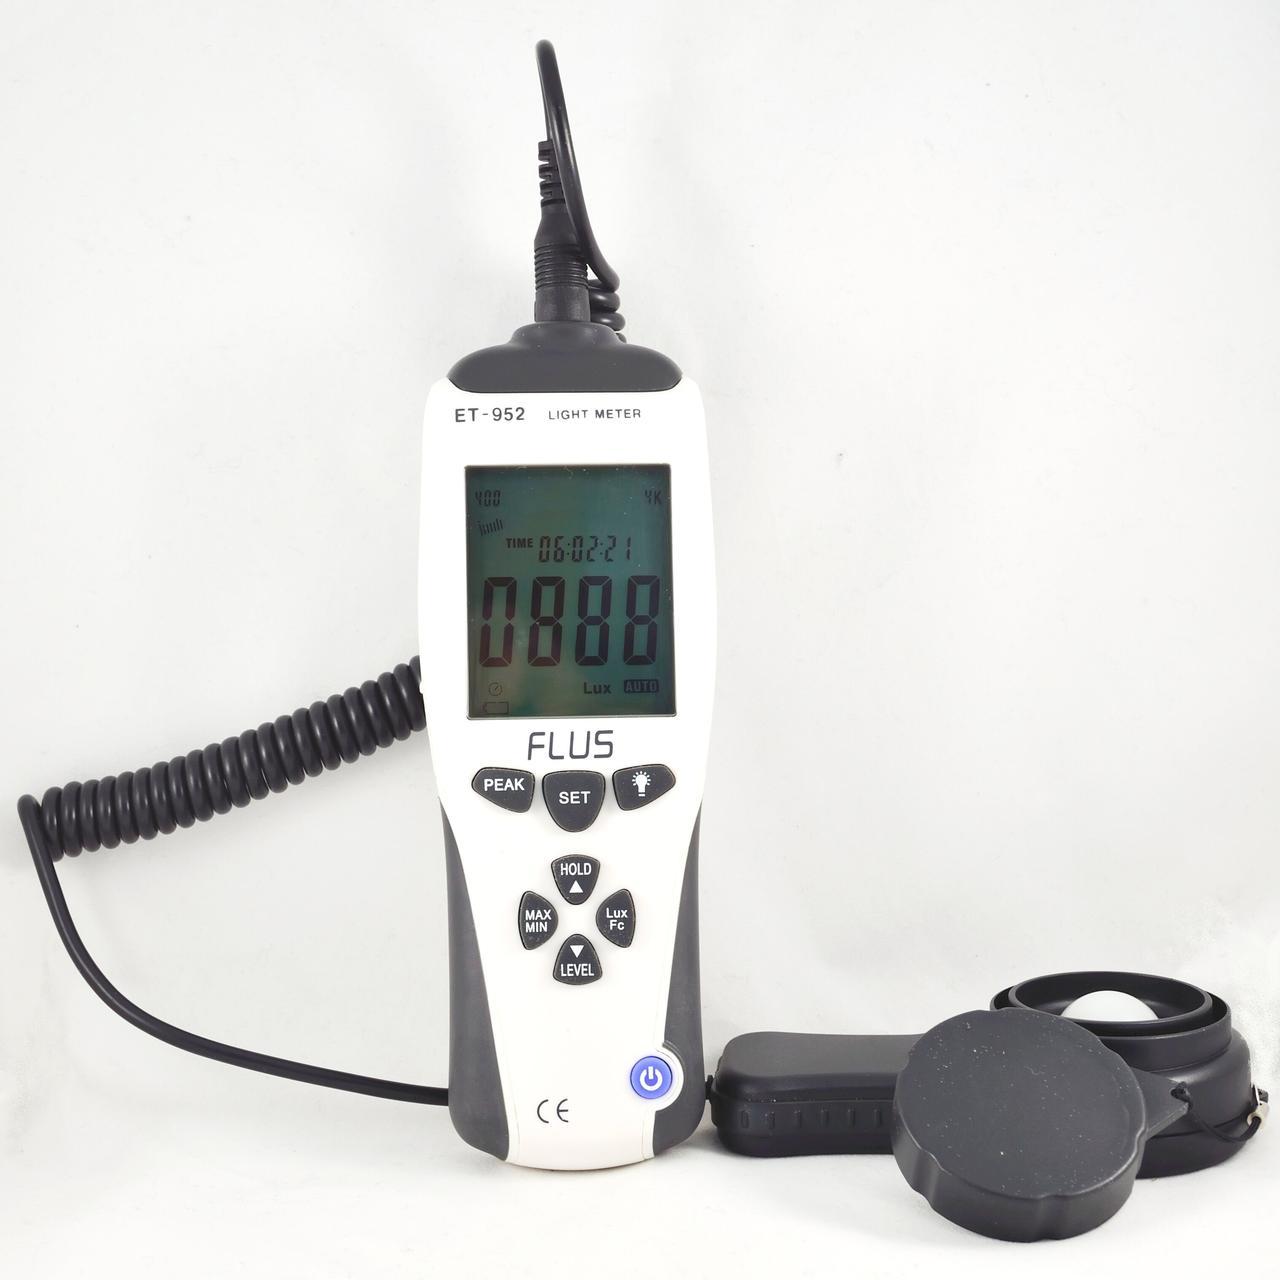 Люксметр FLUS ET-952